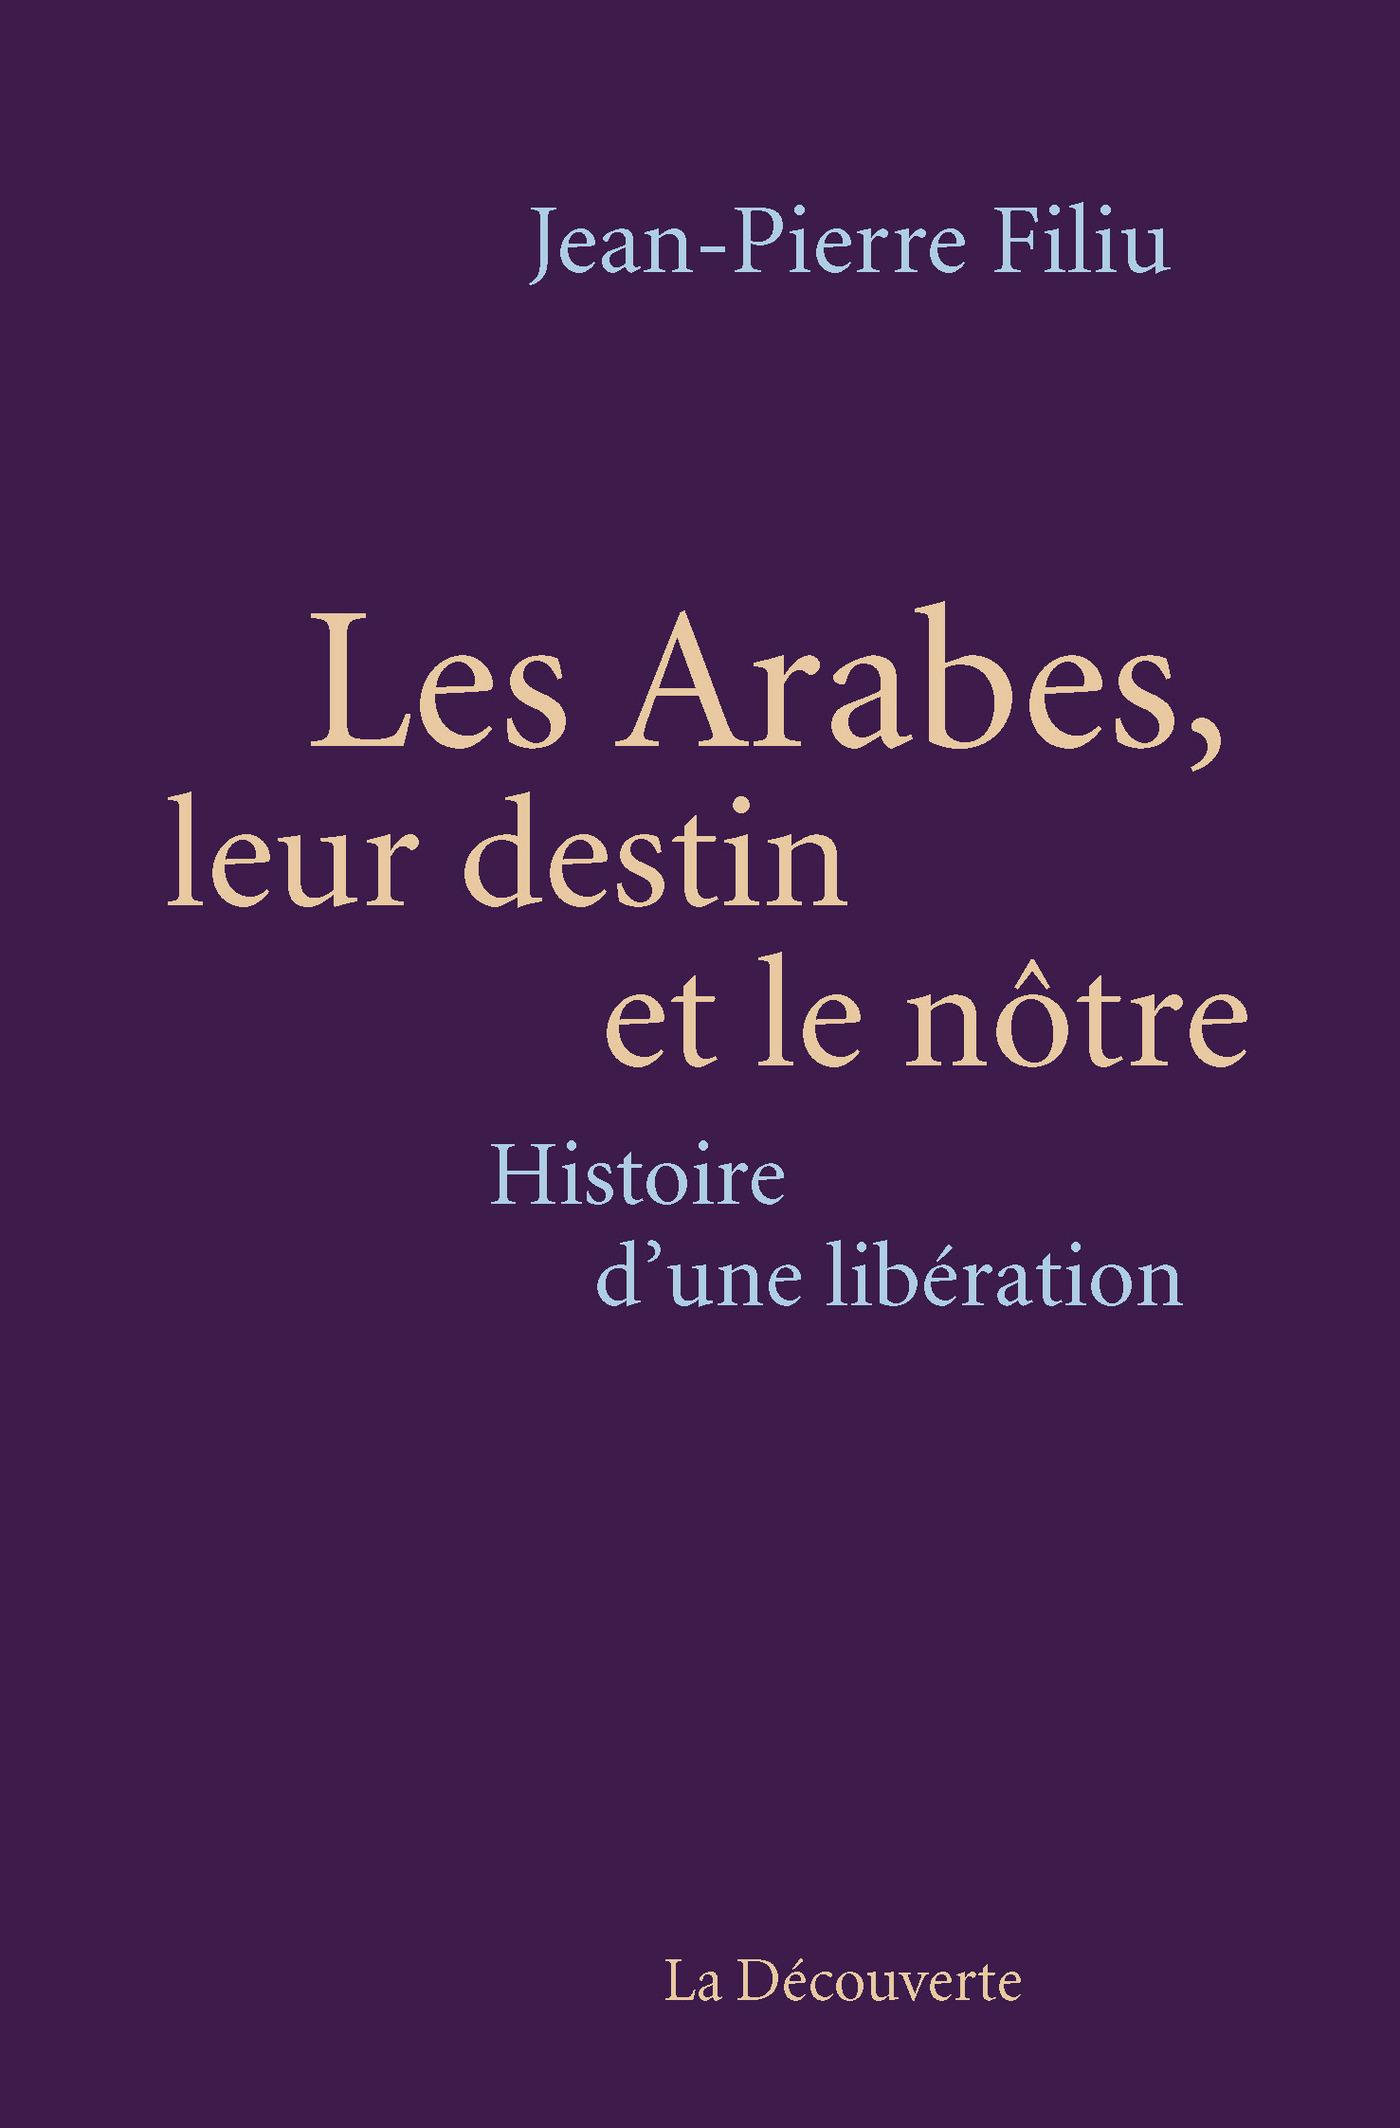 Les Arabes, leur destin et le nôtre (ebook)